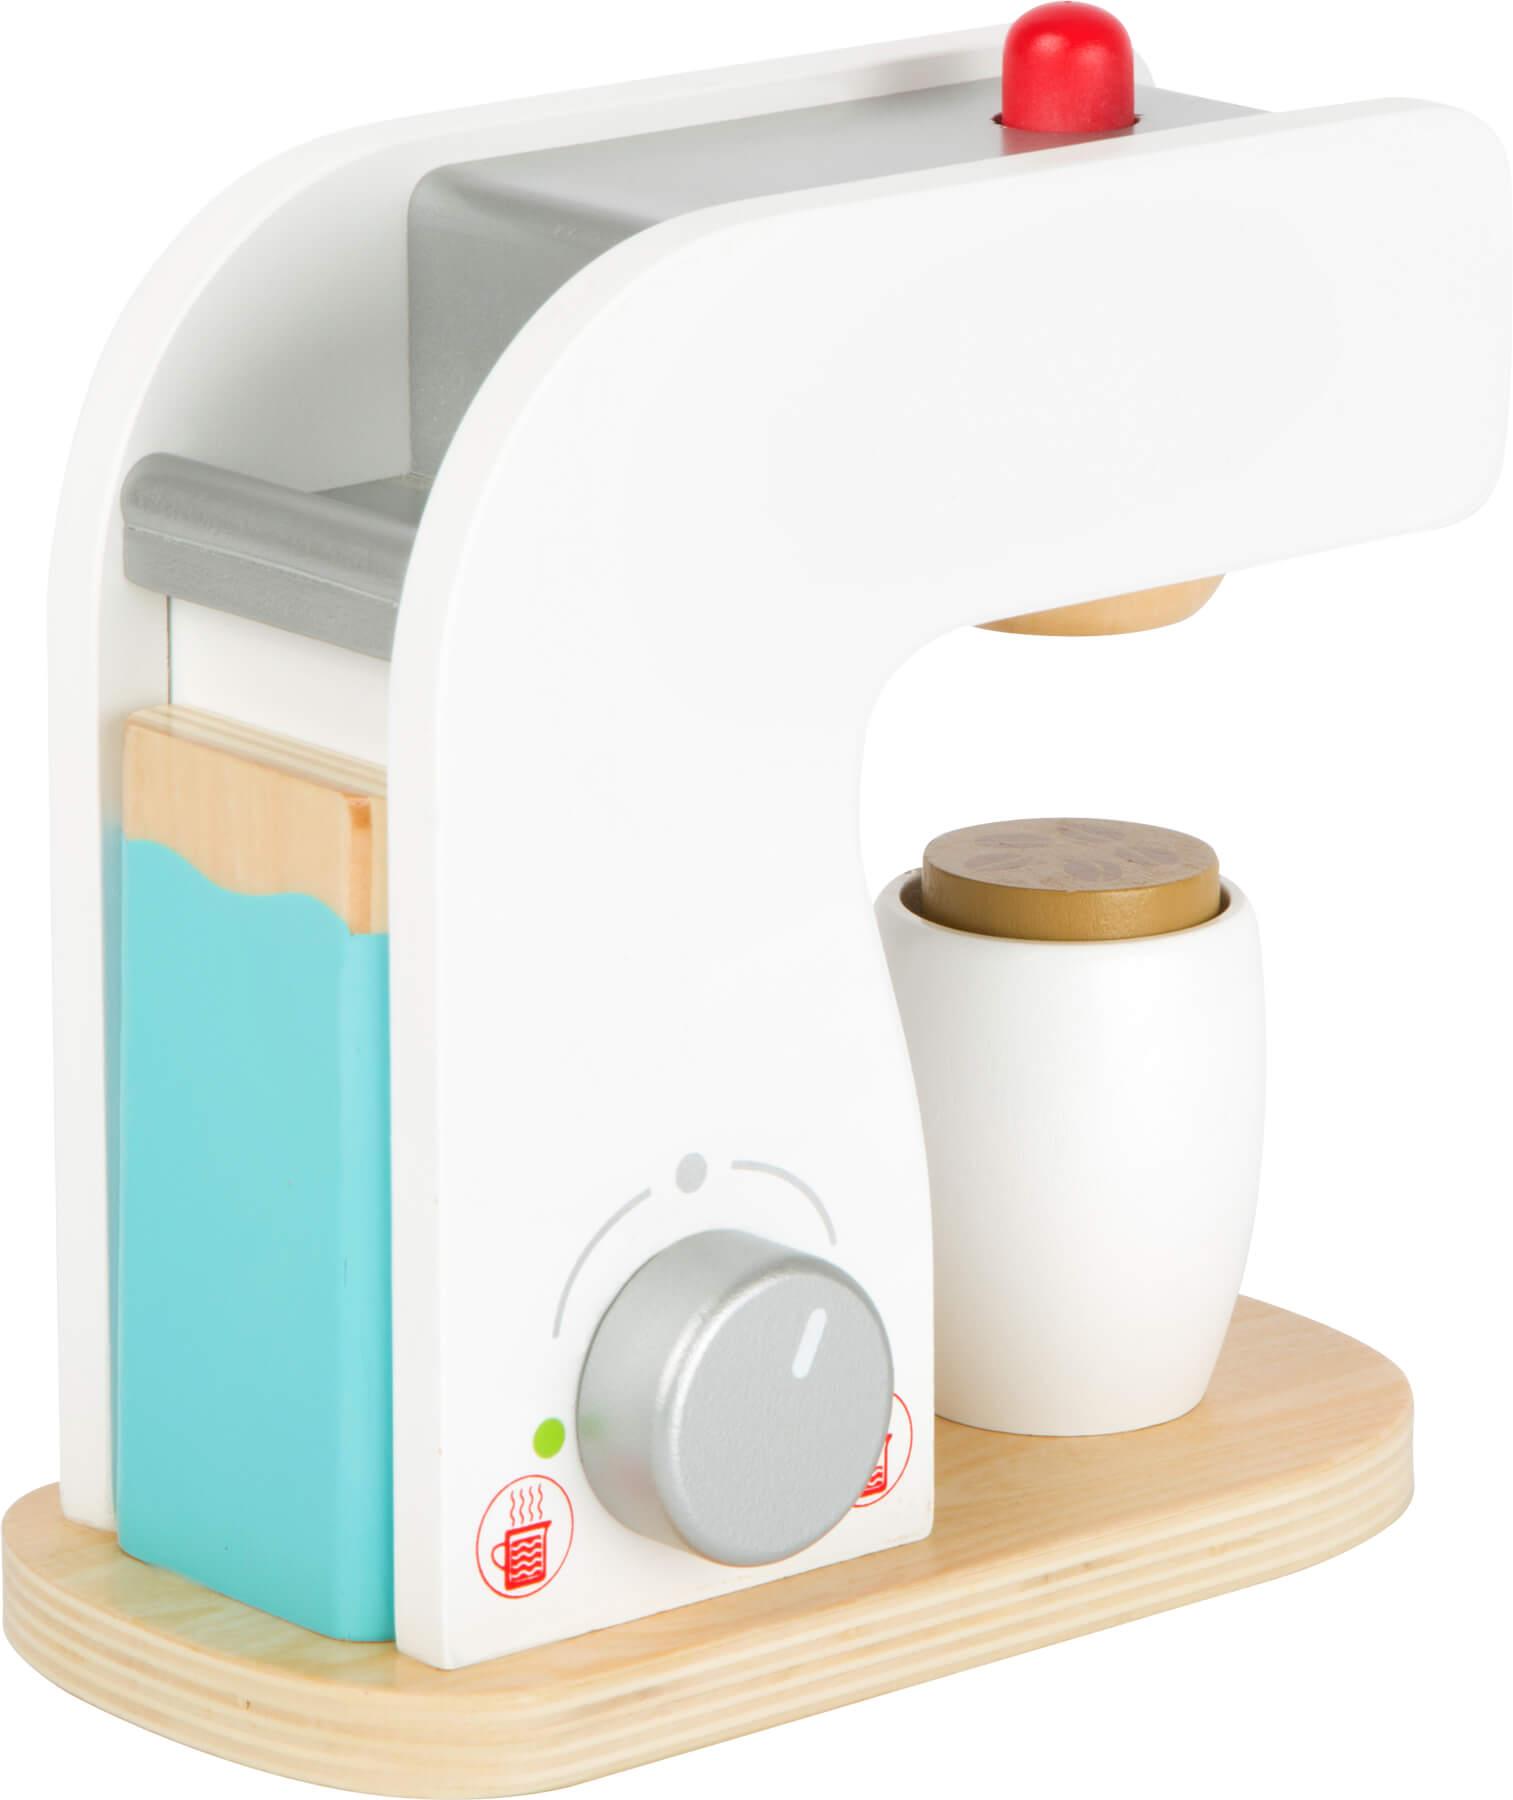 Macchina per il caffè cucina per bimbi